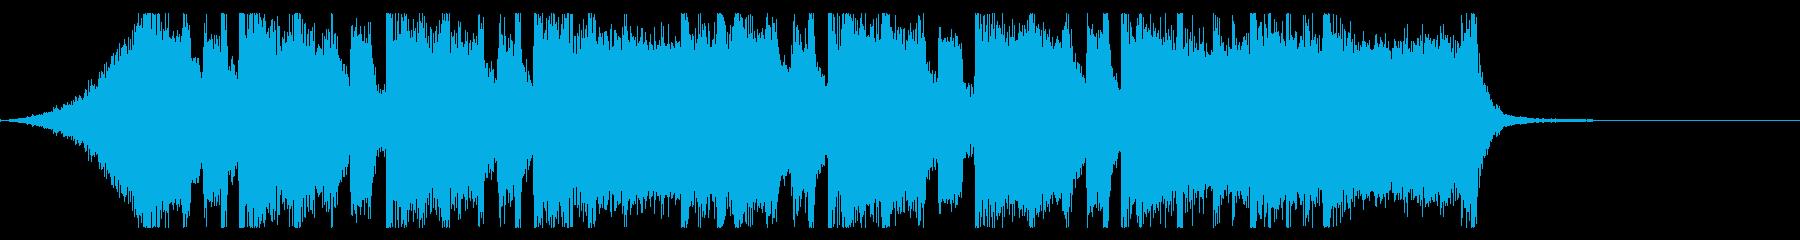 シンプルなメタル系のジングルの再生済みの波形